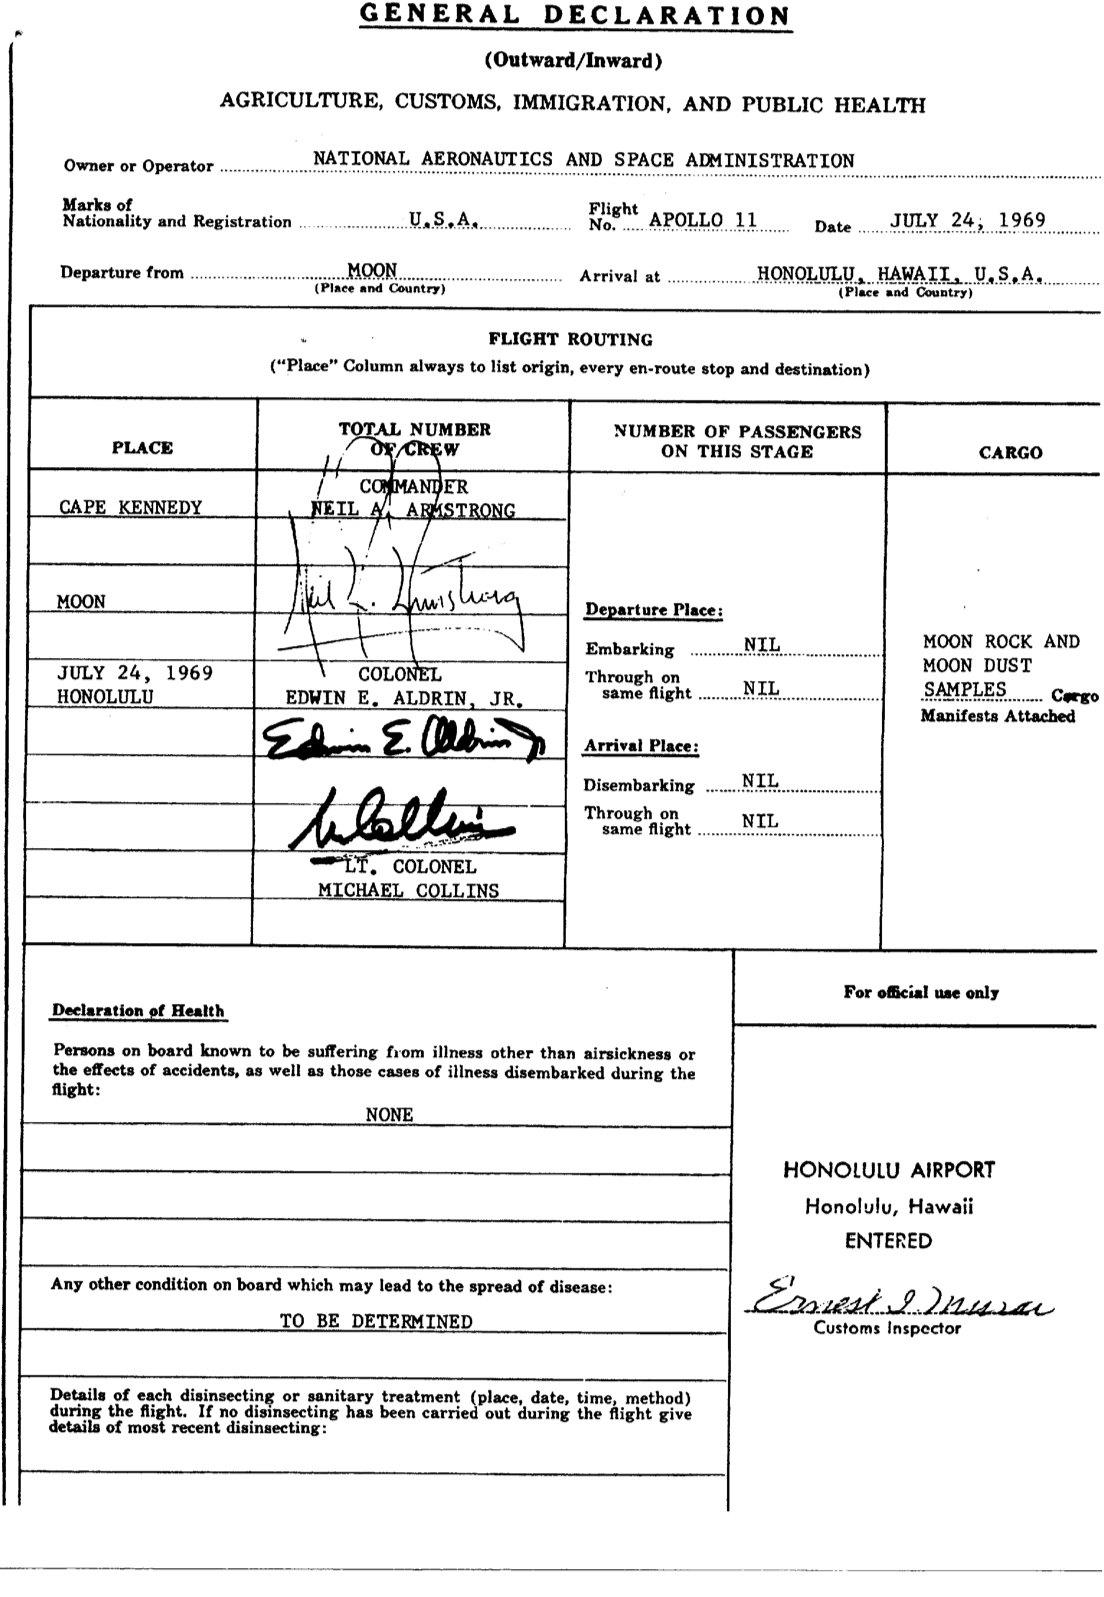 Celní deklarace posádky Apolla-11